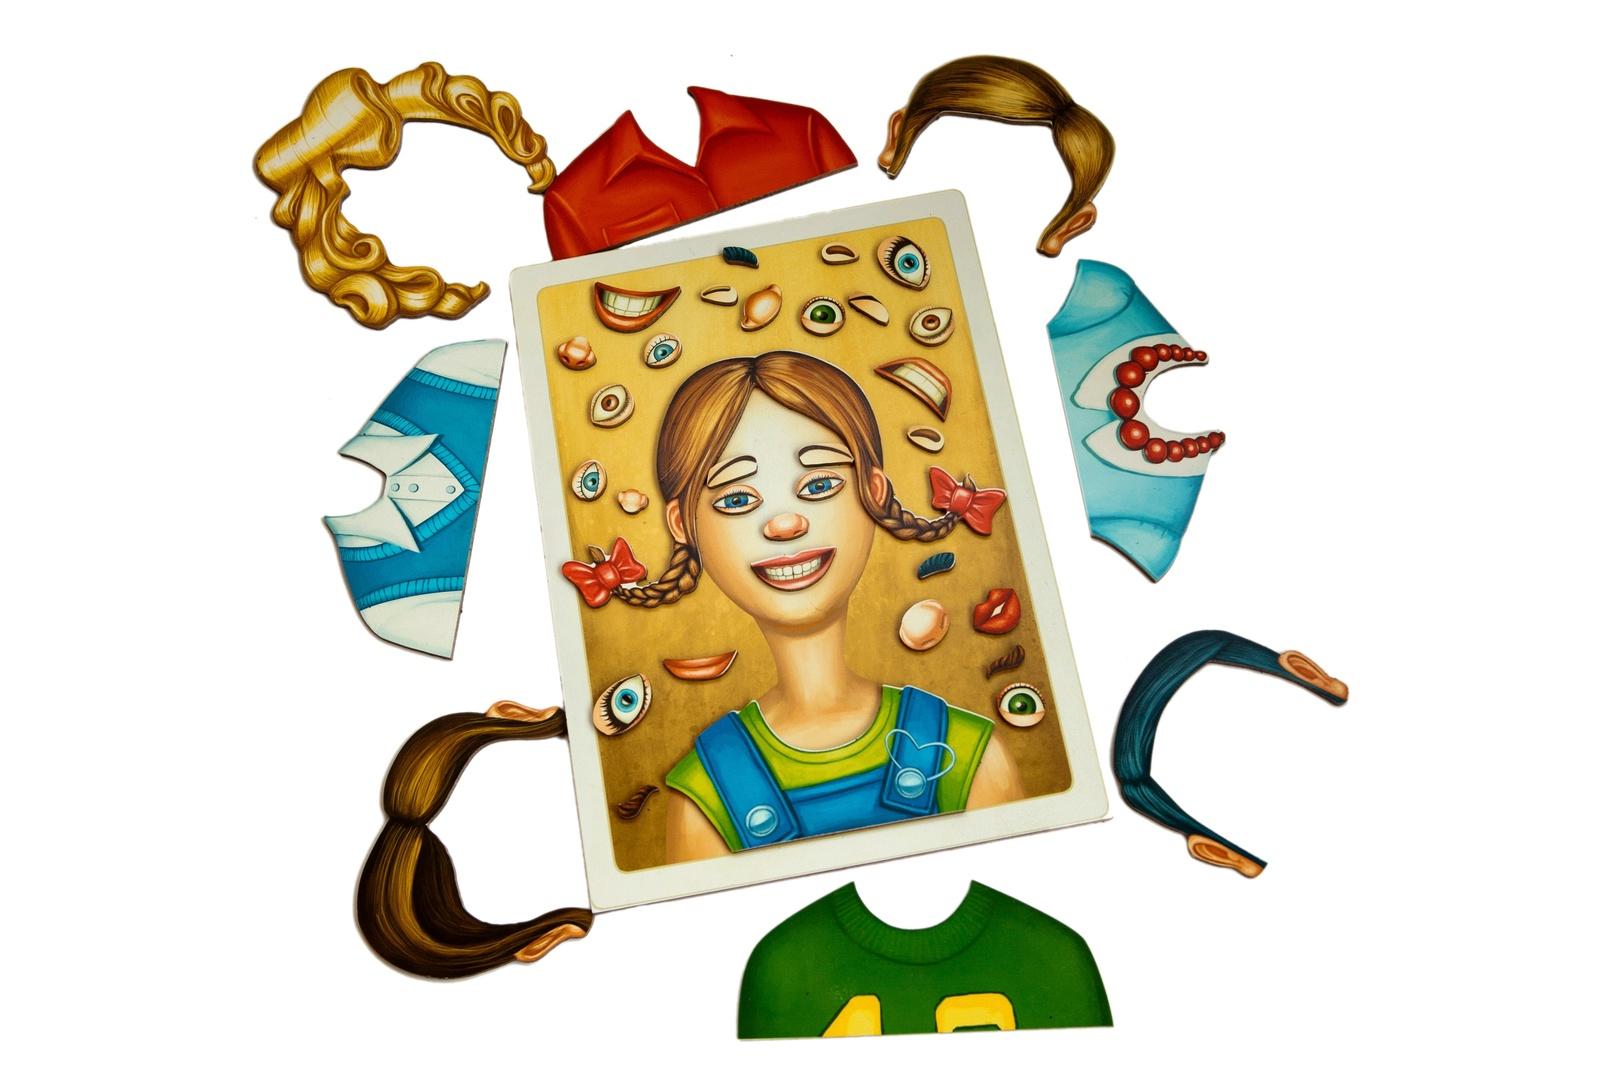 """Деревянный магнитный конструктор «Веселые шаржи» MR.BIGZY 101011653-101011Игра """"Веселые шаржи"""" – это комплект, с помощью которого можно создать множество различных персонажей. Ребенку предлагается поэкспериментировать с овалом лица, дополнив его всеми необходимыми деталями, включая глаза, нос, губы, волосы и одежду. В набор входят следующие детали:1 основа – овал лица в рамке (силуэт, на котором отсутствуют глаза, нос, губы, волосы, одежда);82 дополнительных элемента на магнитах, предназначенных для создания лица (нос, губы, глаза, волосы, борода, брови, очки, усы и одежда).Ребенок сам выбирает любые детали, чтобы «нарисовать» мальчика, девочку, взрослого мужчину или женщину. Он может создавать отдельные персонажи или целые семьи, компанию своих друзей или старшего брата/сестру. Придумывая новых персонажей, малыш получает огромное удовольствие, ведь на начальном этапе развития он только учится создавать что-то новое, и """"Веселые шаржи"""" помогают ему в этом.Игра предназначена для дошкольников и школьников, поэтому она открывает широкие возможности для развития ментальных и физических качеств детей различных возрастов. Для самых маленьких она становится увлекательным путешествием в мир сказки, персонажей для которой они могут придумать и создать самостоятельно, чтобы потом под руководством взрослых или без их помощи выдумать приключения для своих творений. С помощью «Веселых шаржей» малыши от 2 до 5 лет развивают мелкую моторику. Игра стимулирует познавательную активность, расширяет детский кругозор, позволяет научиться проявлять фантаз..."""